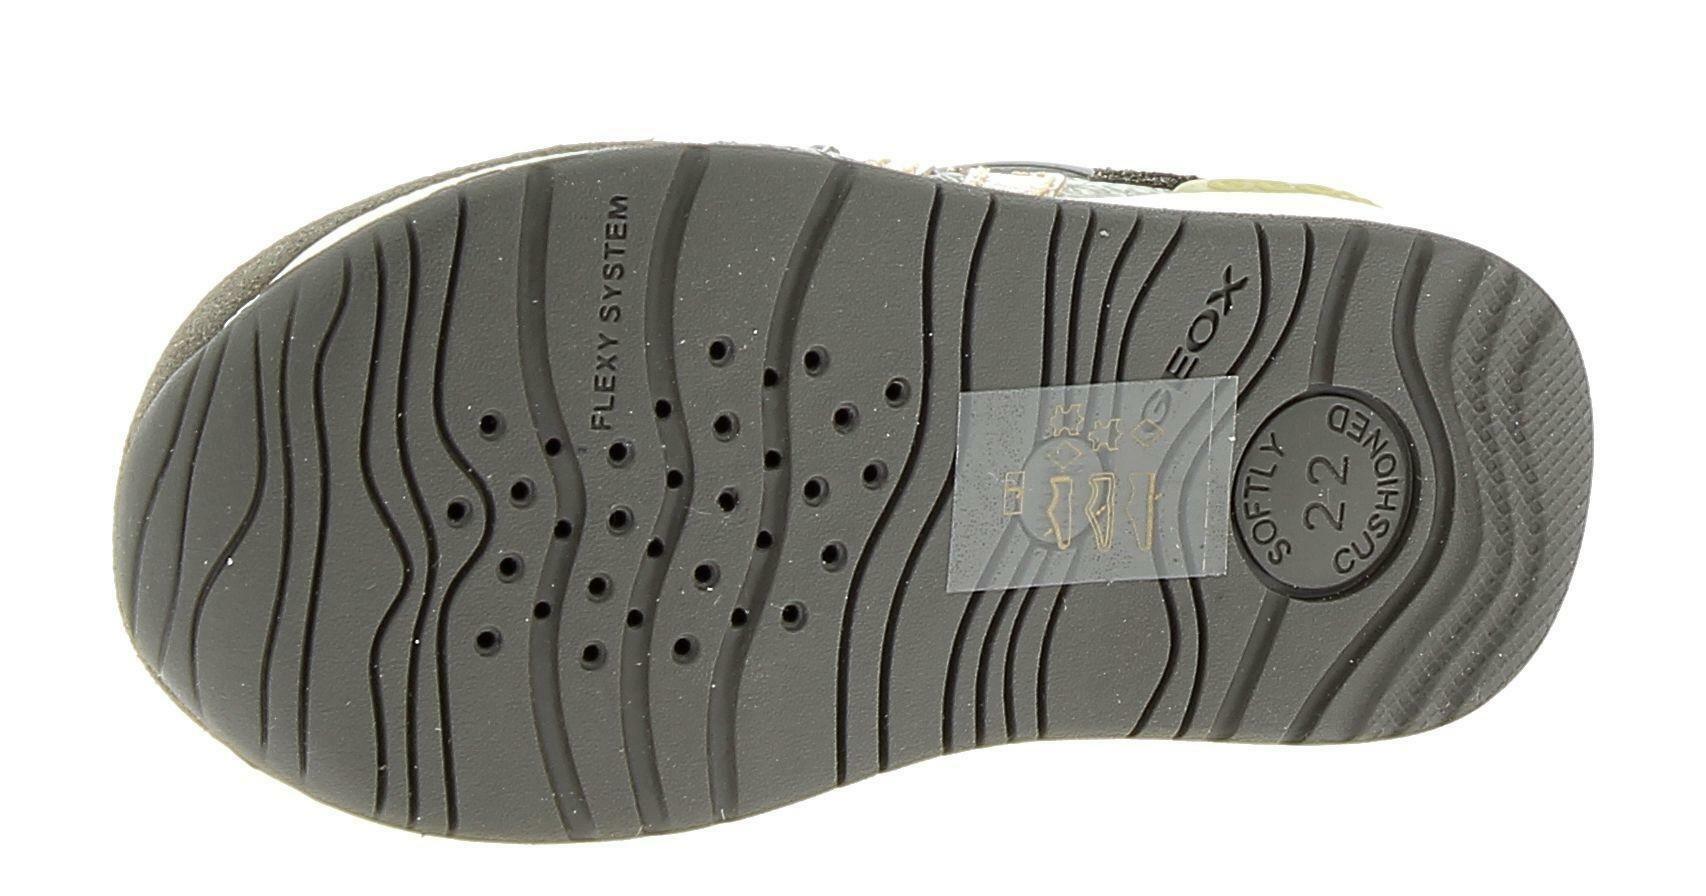 geox geox b rishon g scarpe sportive bambina marroni